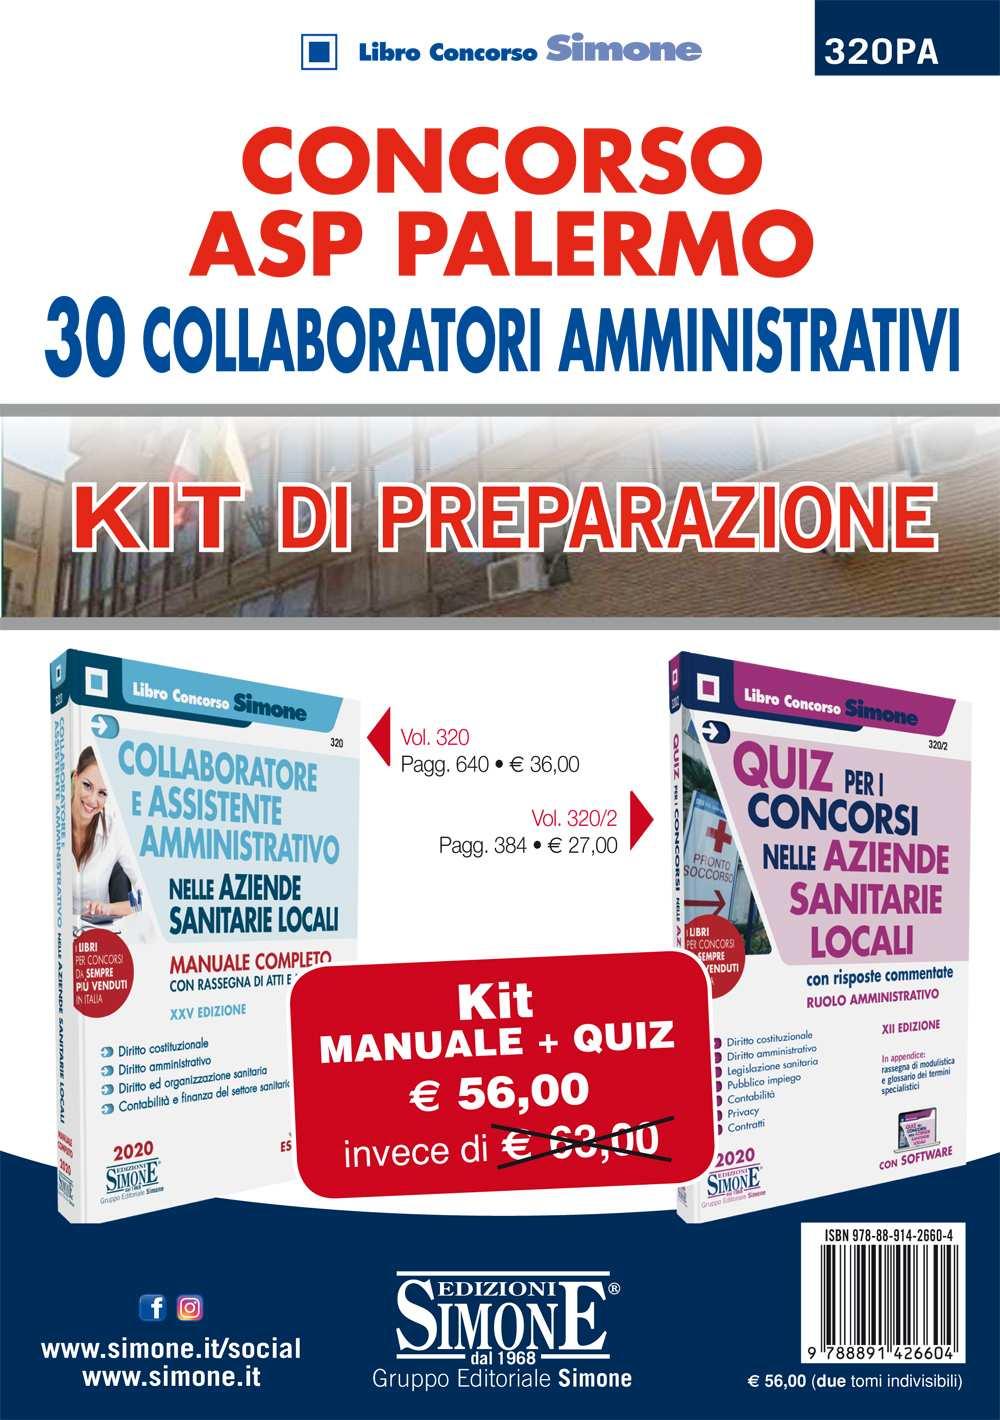 KIT di preparazione Concorso ASP Palermo